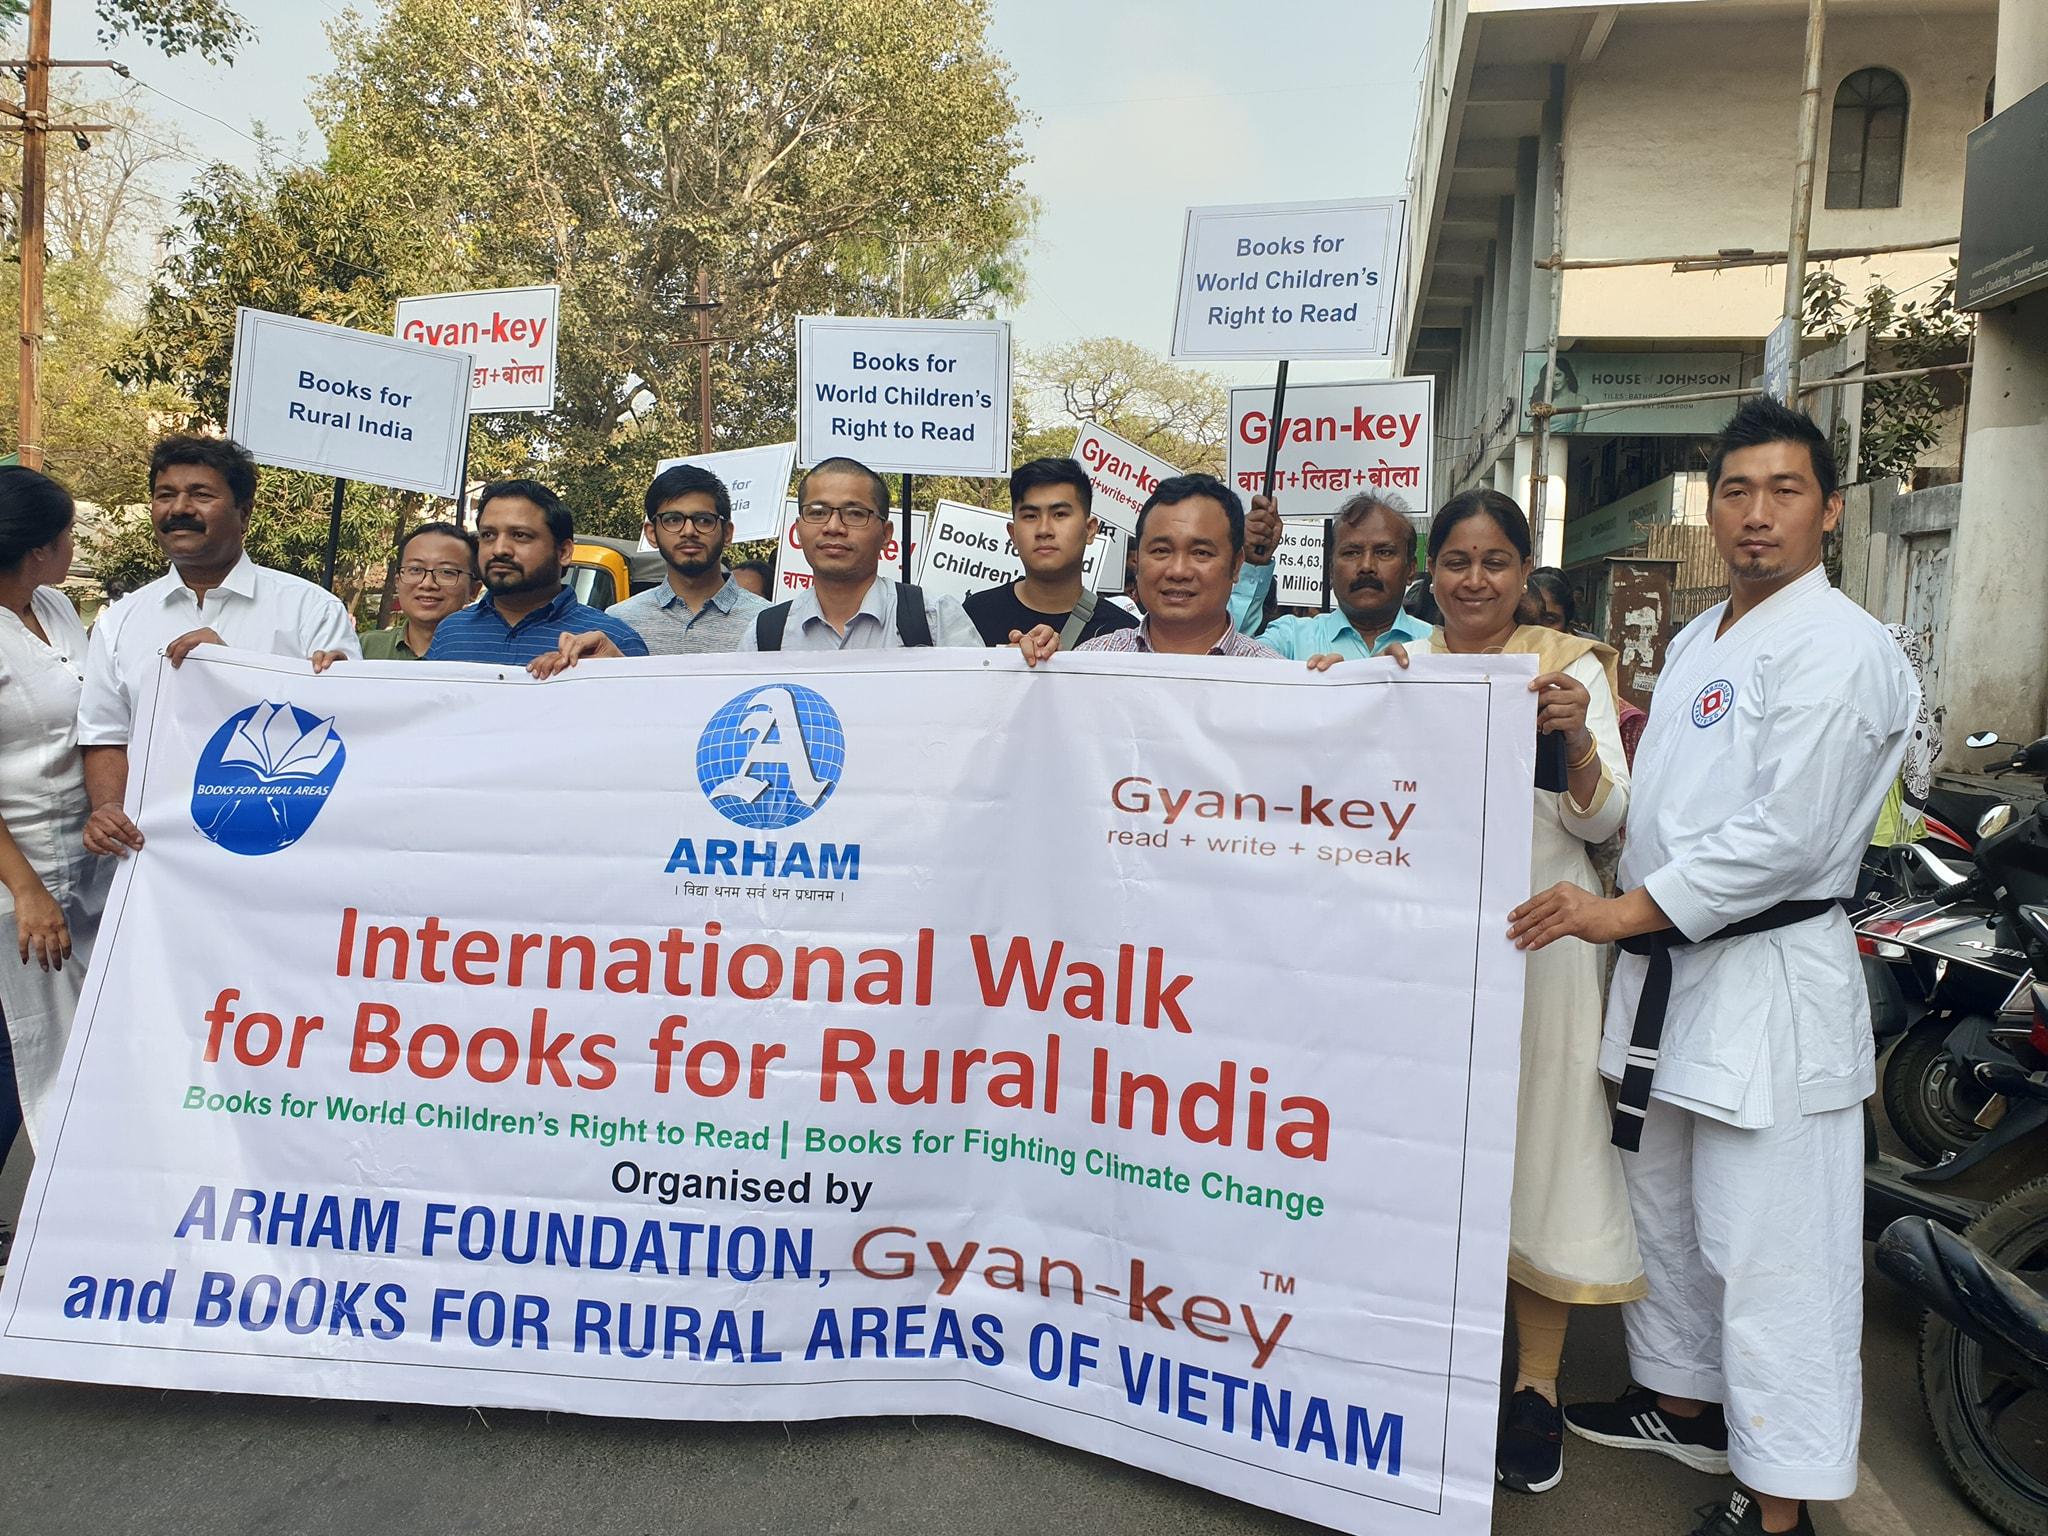 Chuyến đi bộ do anh Nguyễn Quang Thạch khởi xướng nhằm thúc đẩy quyền đọc sách cho trẻ em toàn cầu.